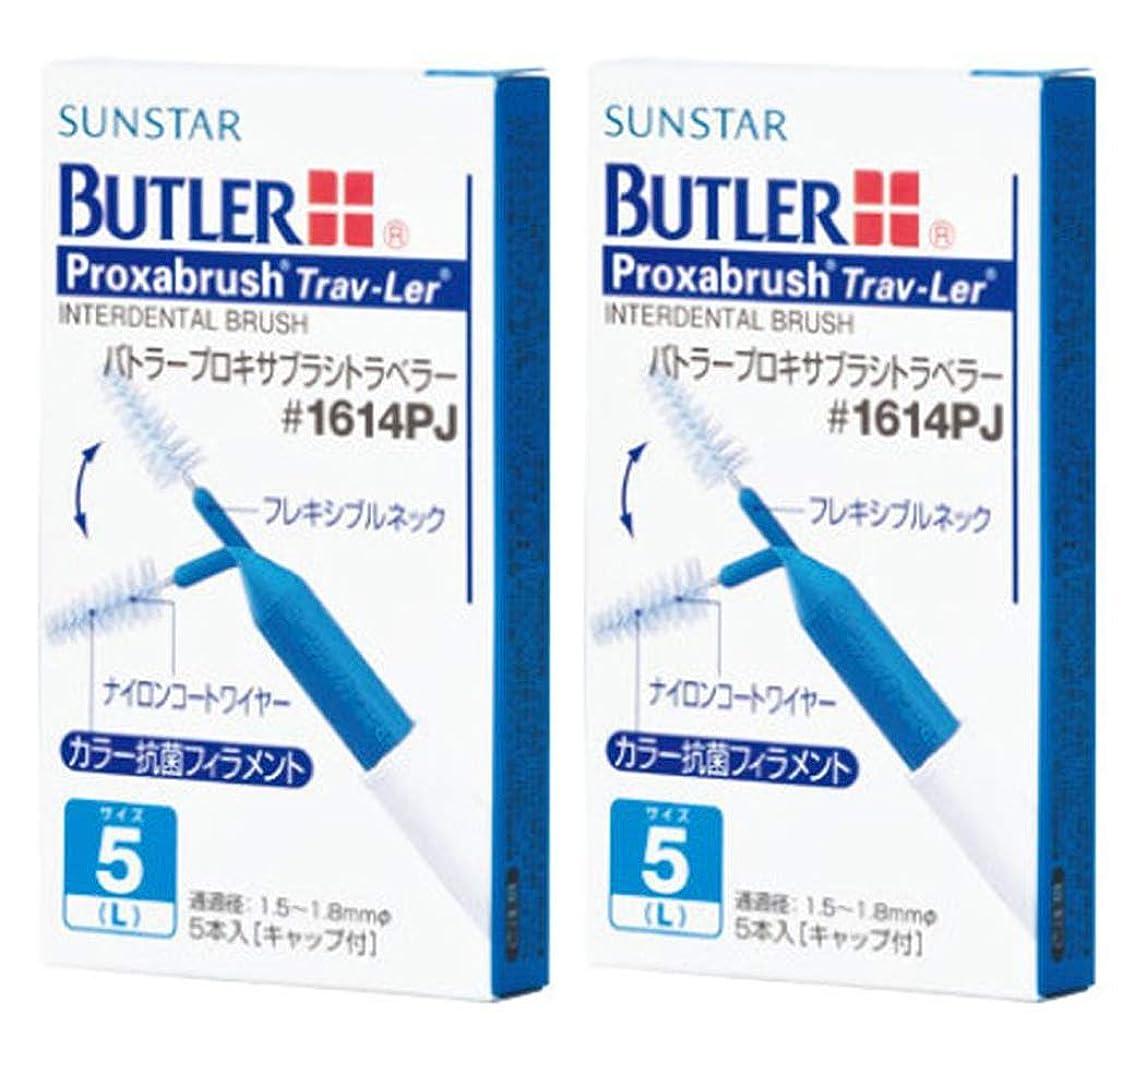 帰るひも知性サンスター バトラー プロキサブラシトラベラー#1614PJ 1箱(5本入り) L(ブルー) × 2箱